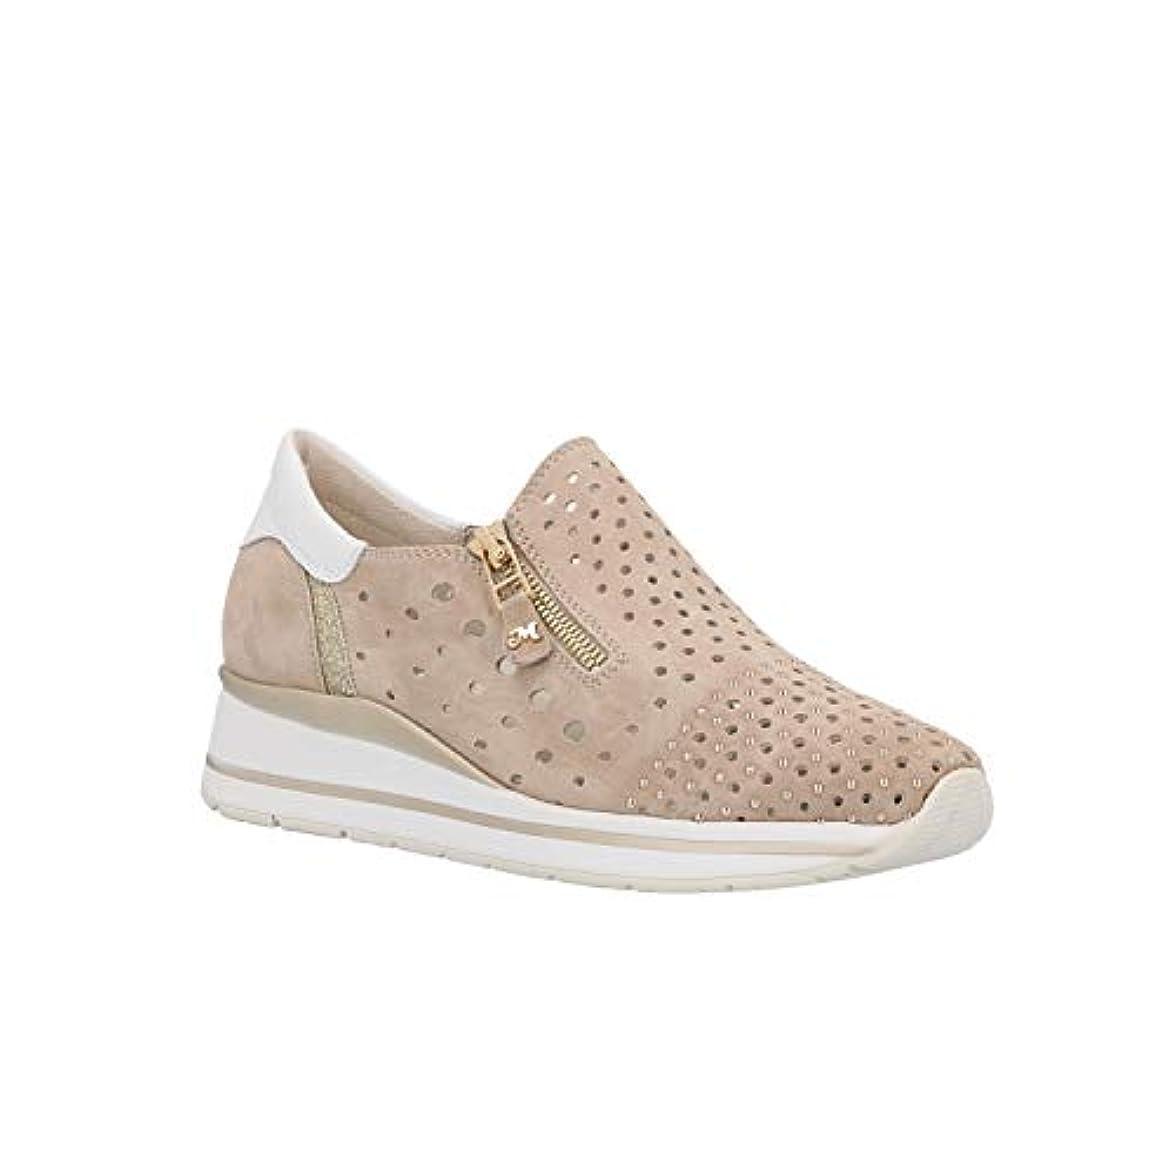 Melluso Sneakers Zeppa Corda Scarpe Donna R20030